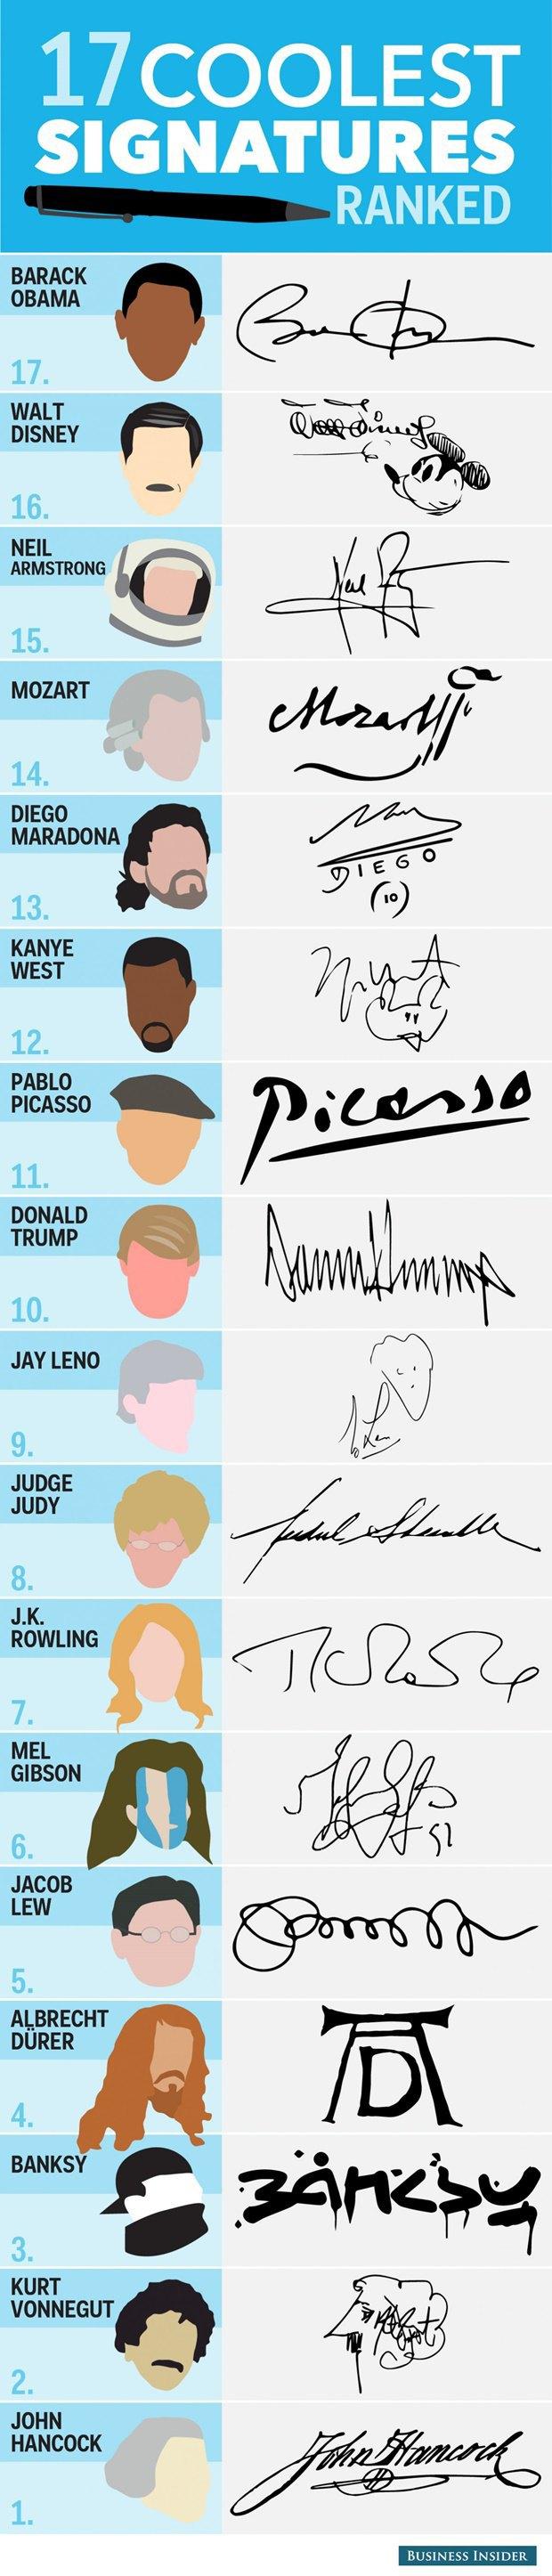 17 выдающихся подписей собрали на одной картинке. Изображение № 1.